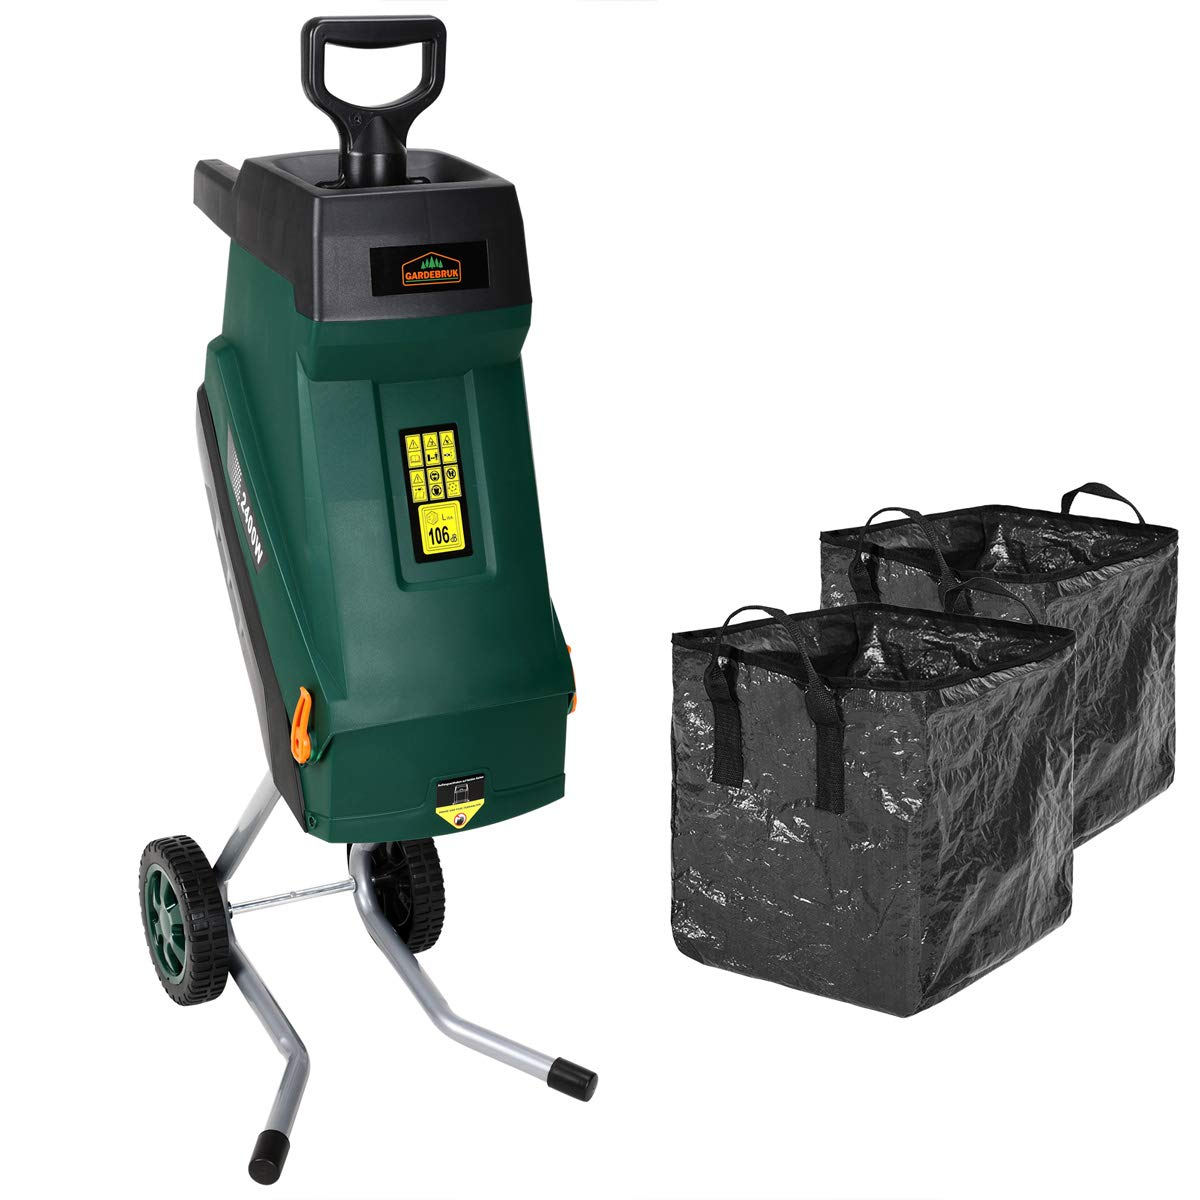 Deuba Trituradora silenciosa de 2400W con bolsas de recolecci/ón cuchillas de acero con ruedas para ramas de hasta 45 mm